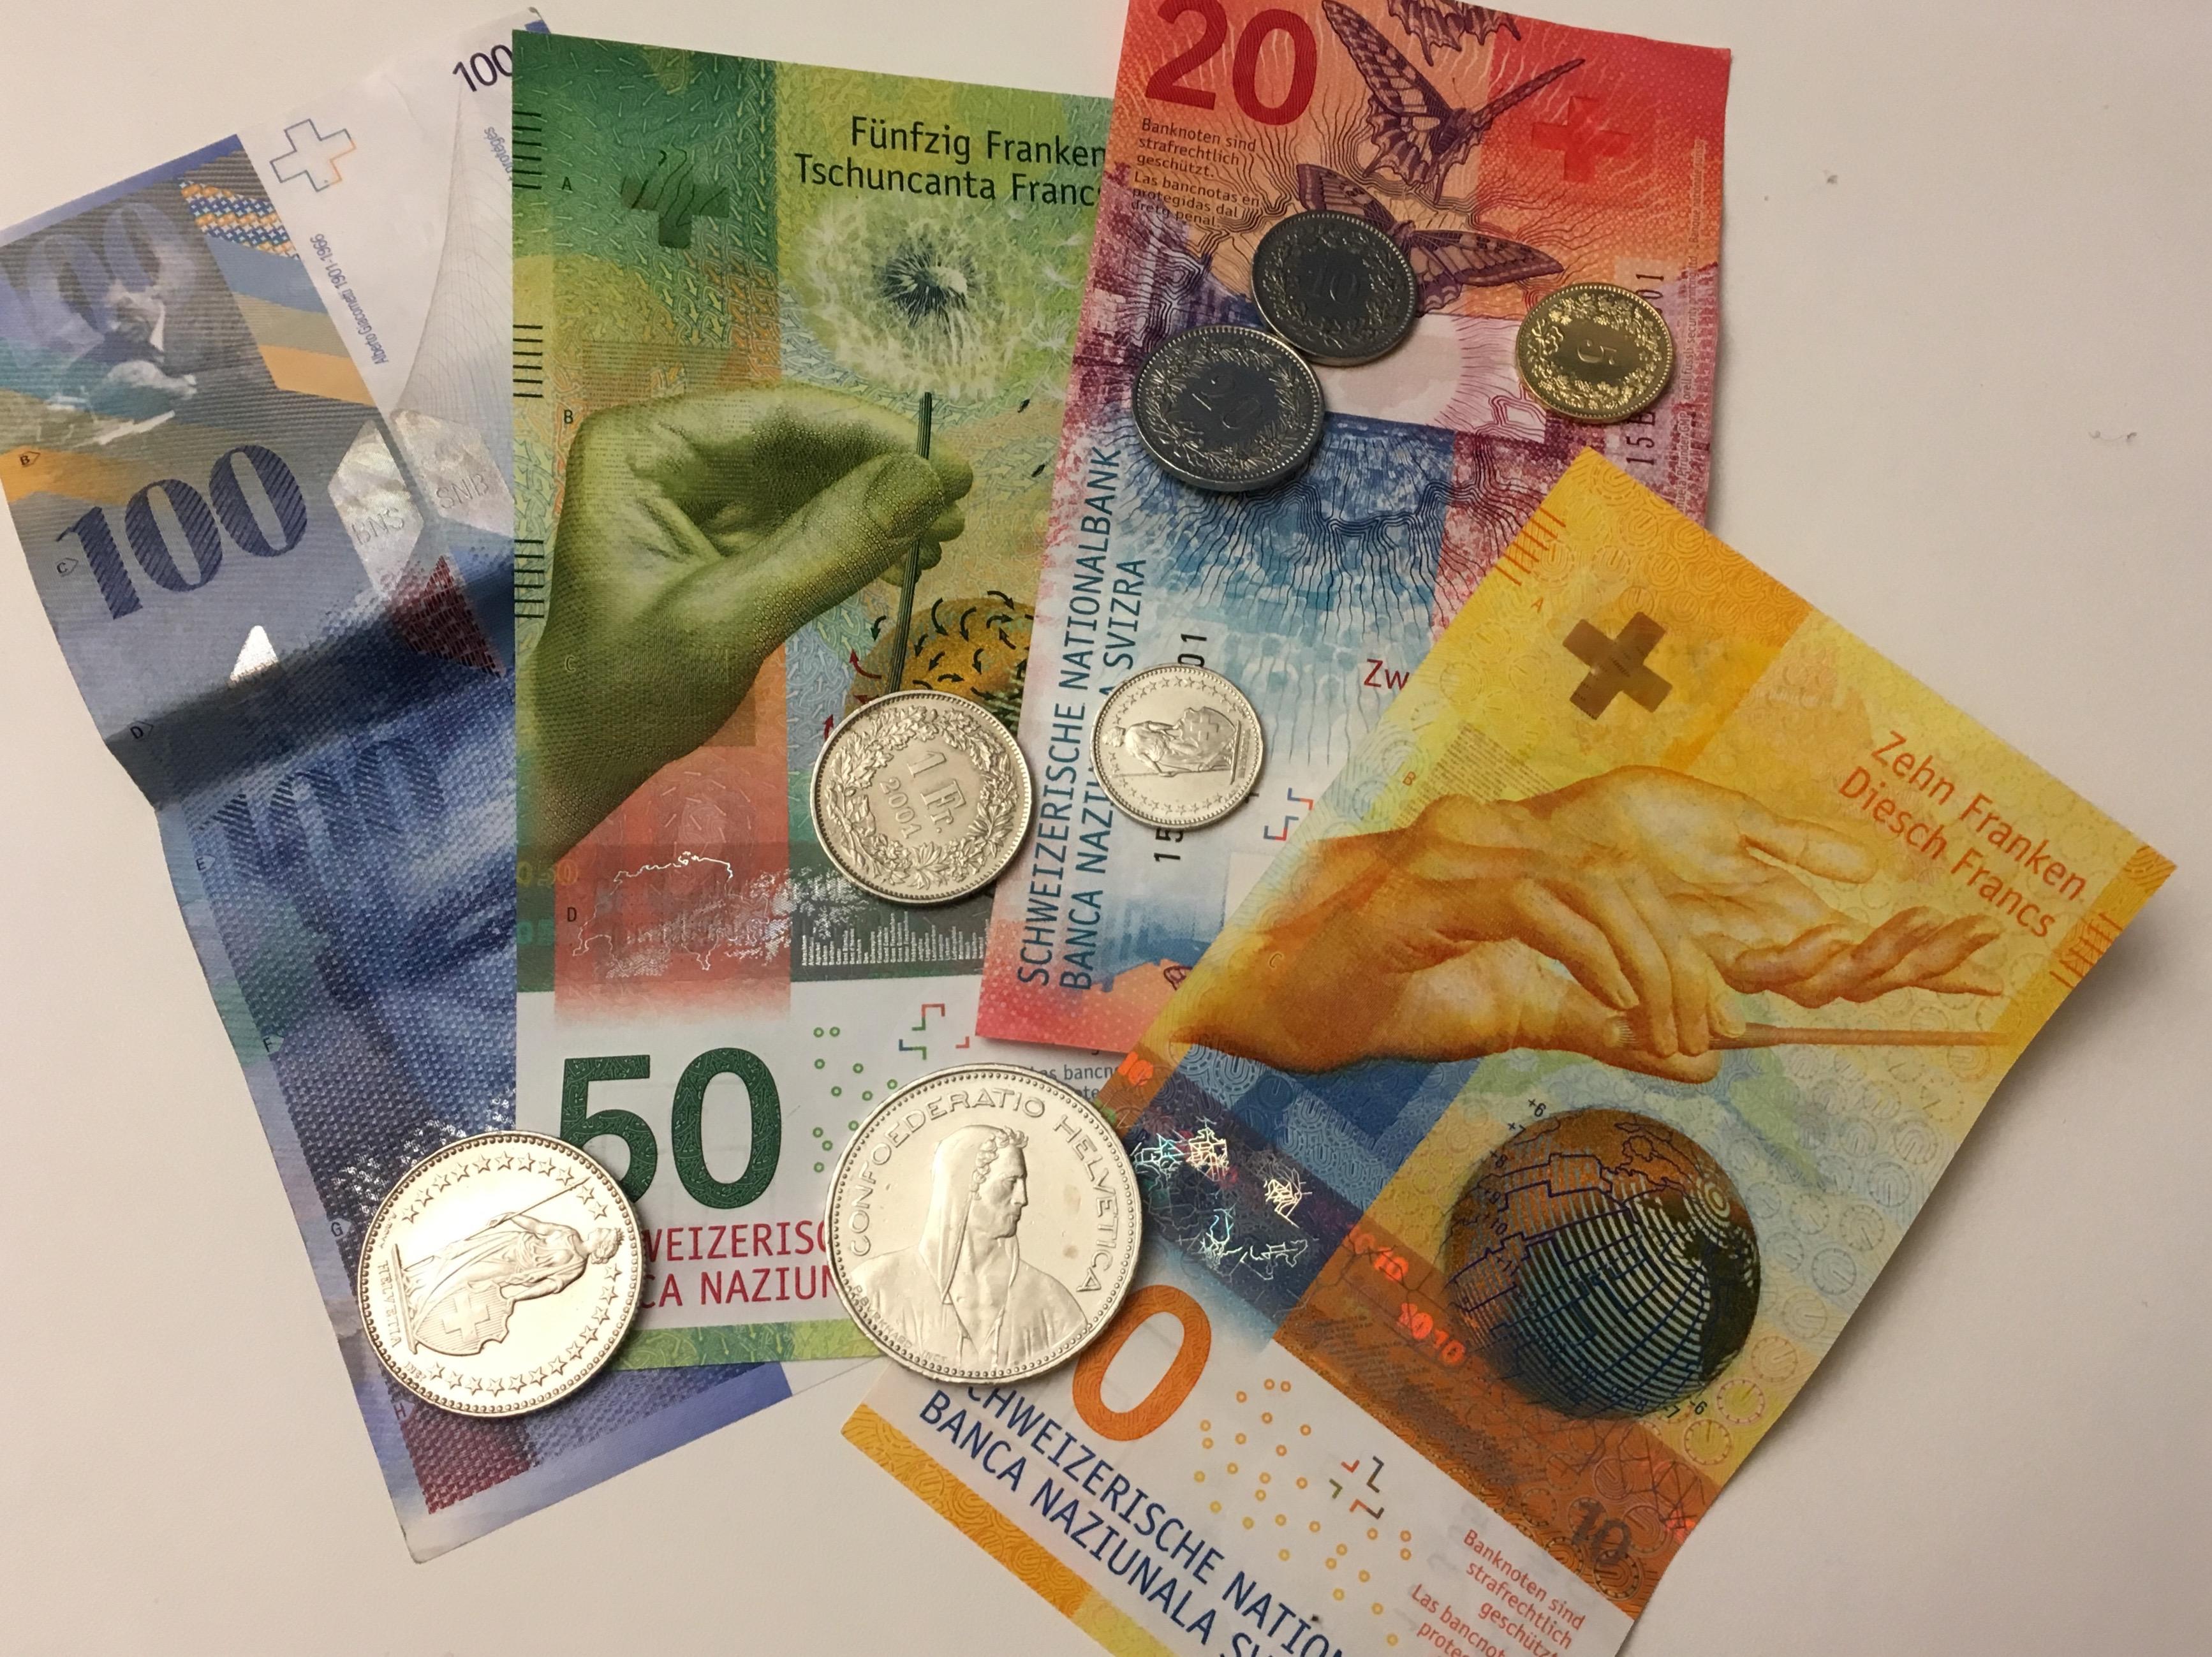 2019年スイス・チューリッヒの両替所レートランキング! 「日本円→スイスフラン 」のおすすめ両替方法を解説